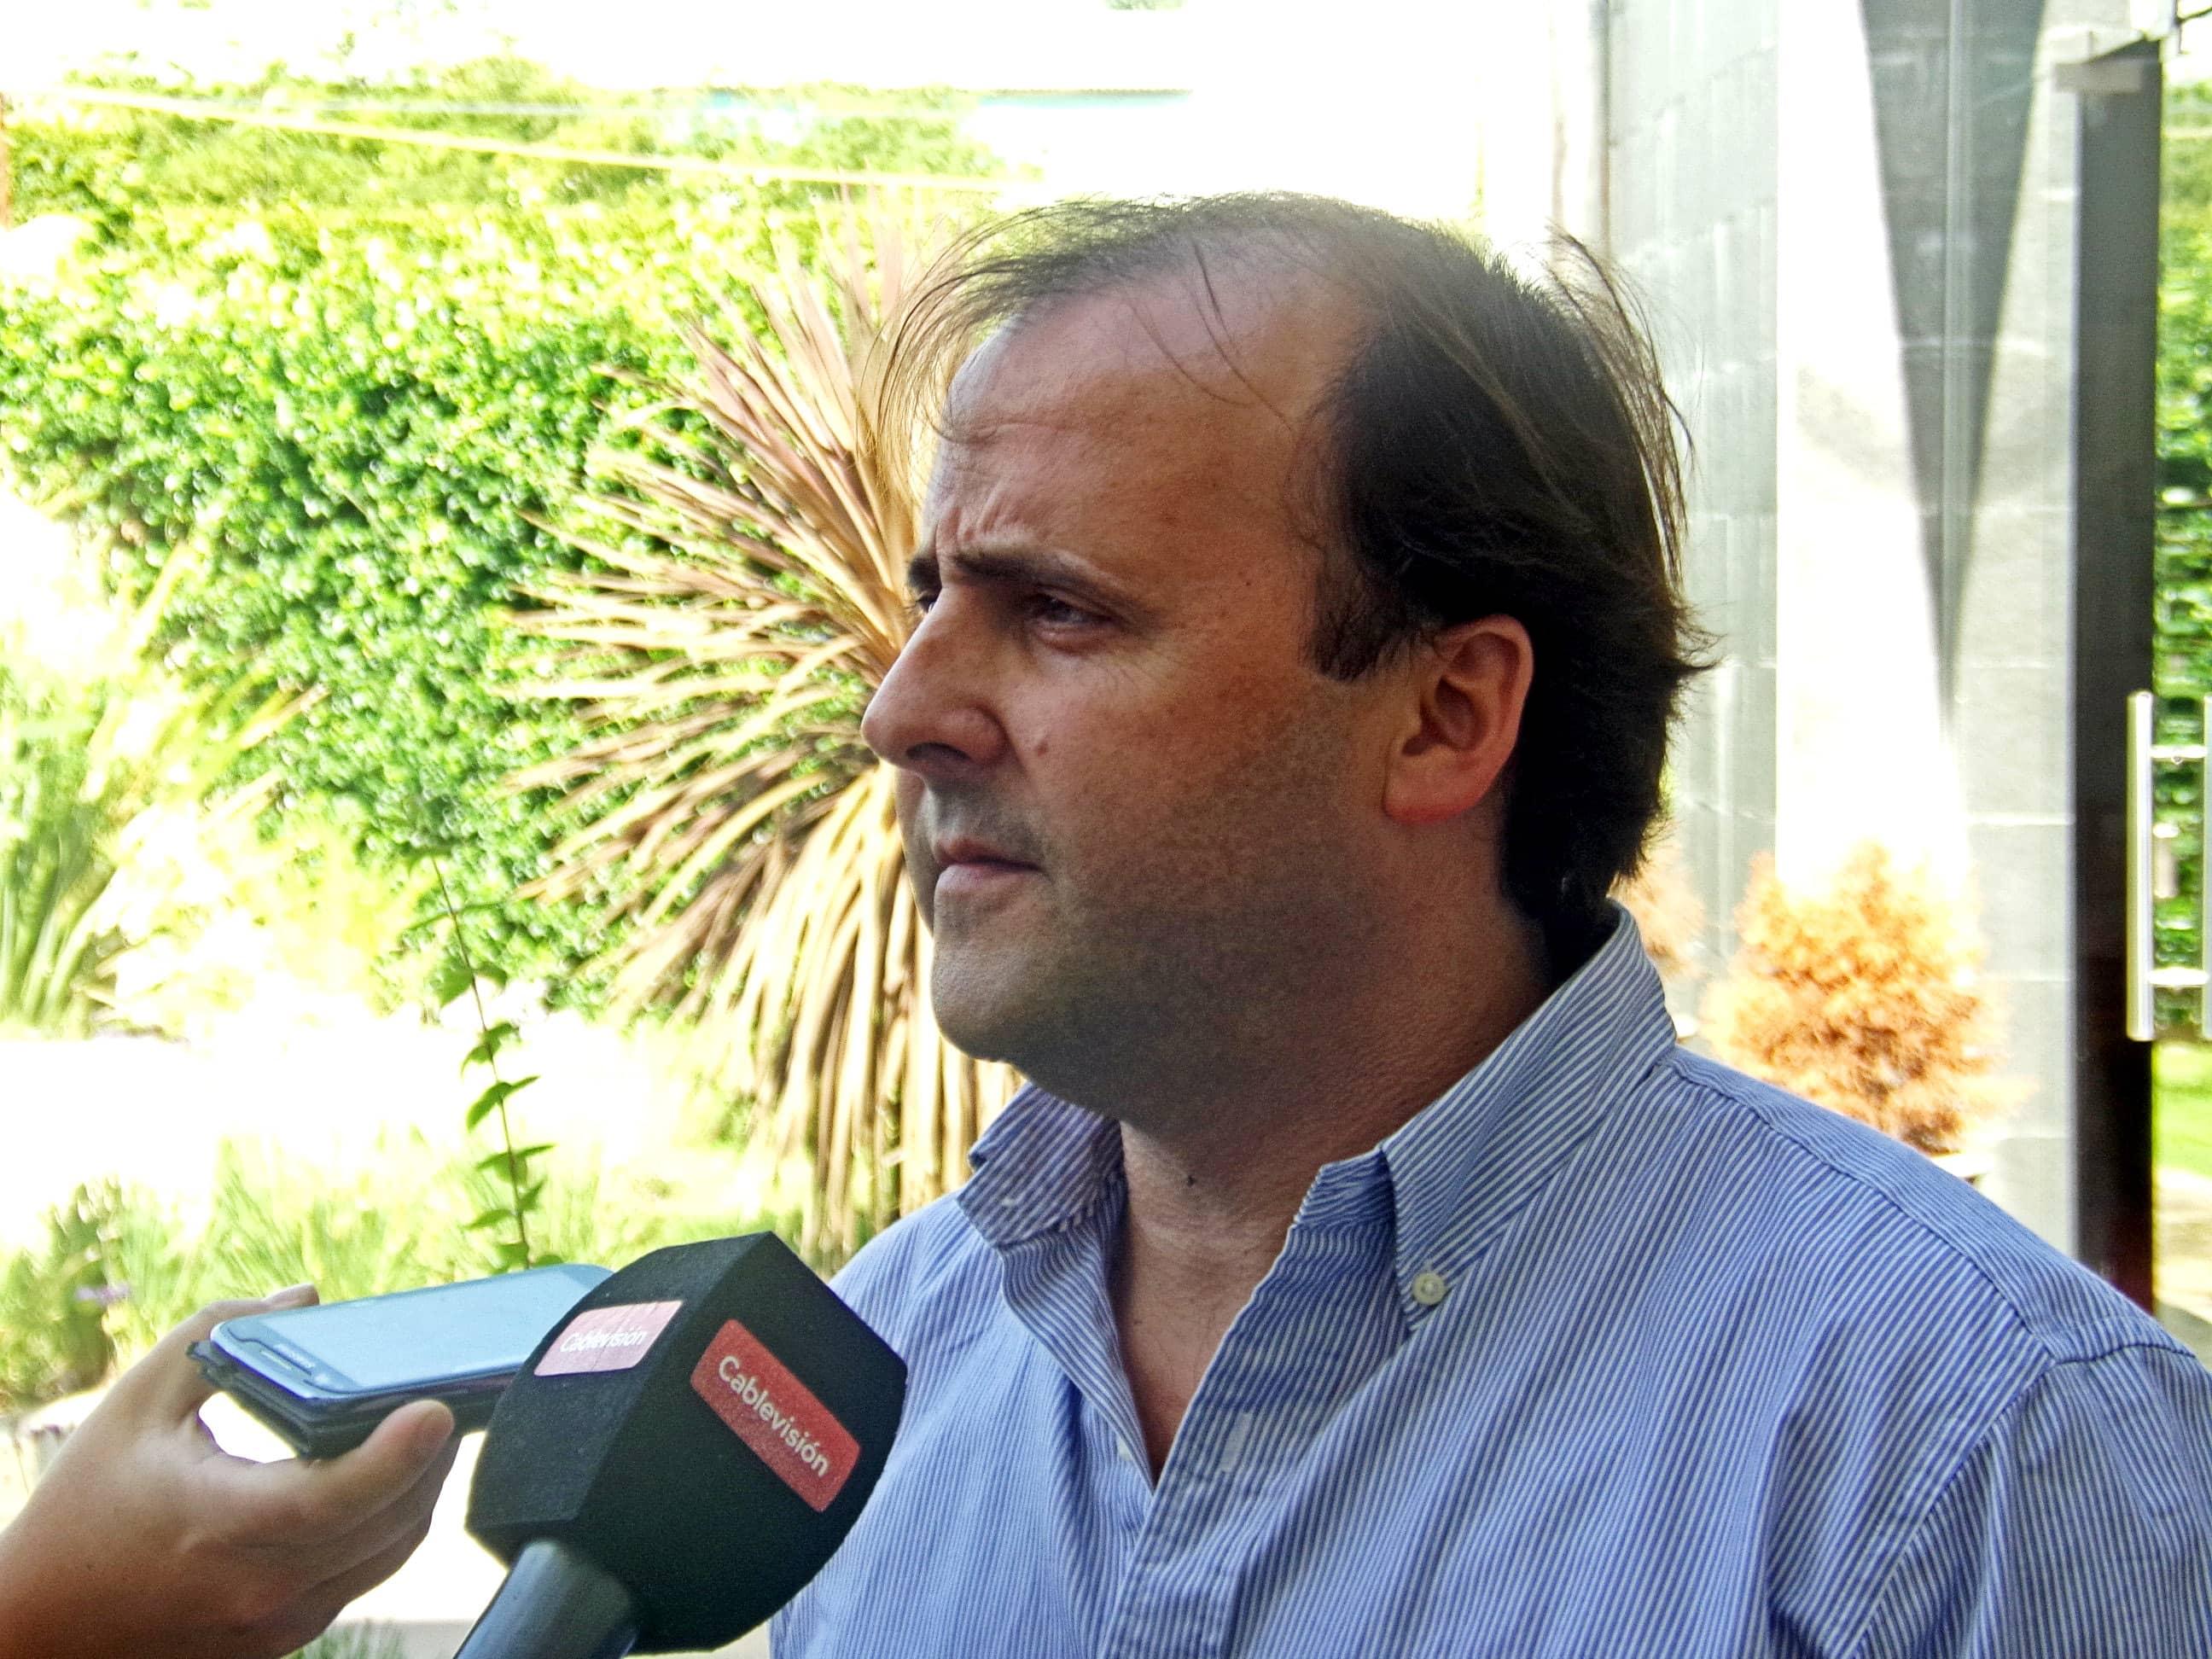 Leandro Concepción en Compras